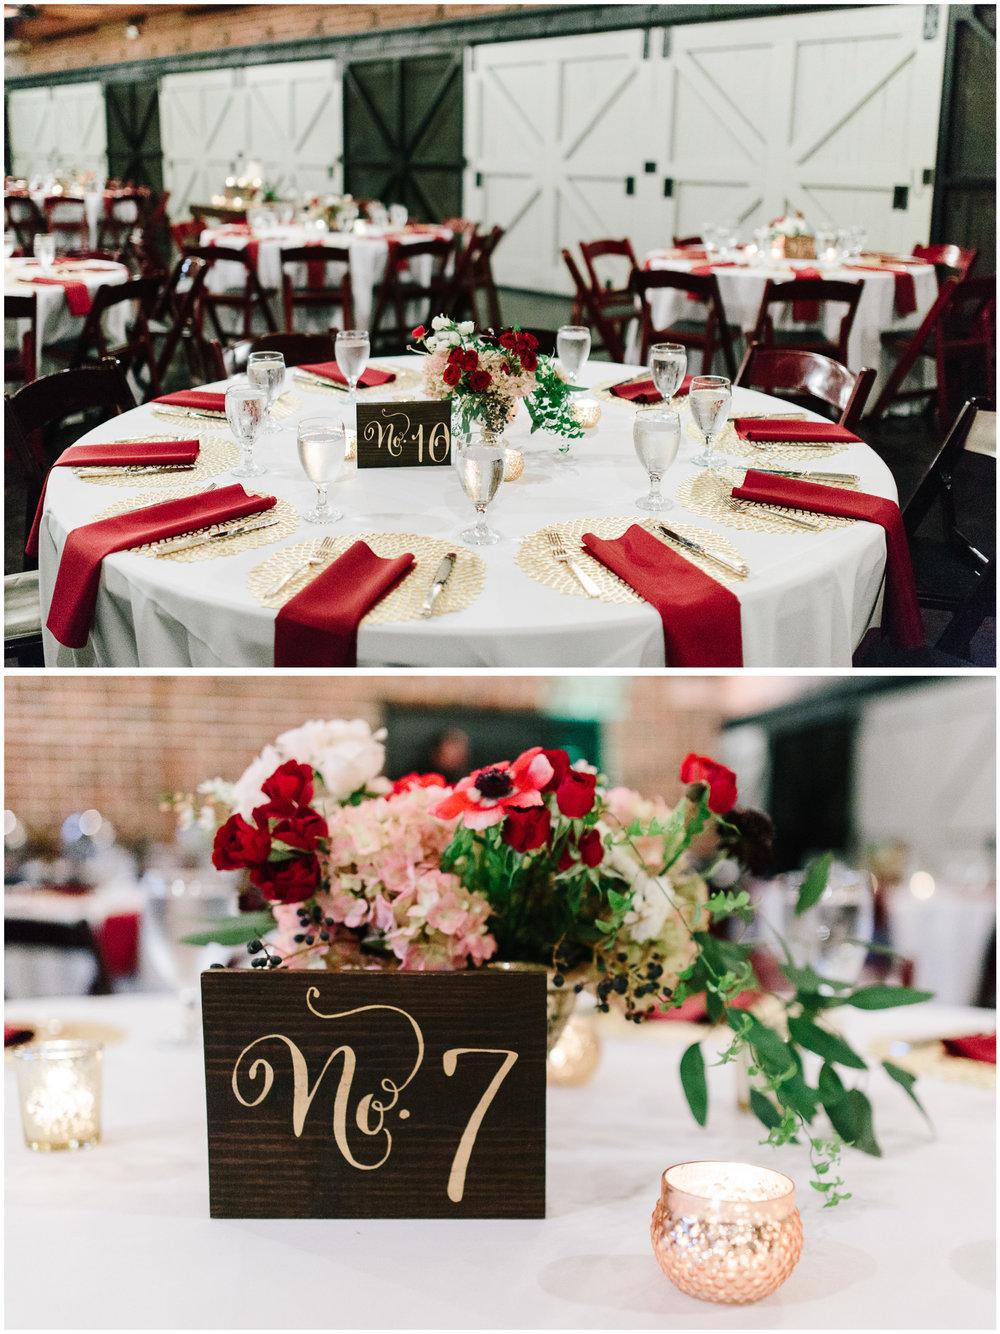 Winter Park Farmer's Market Wedding Reception